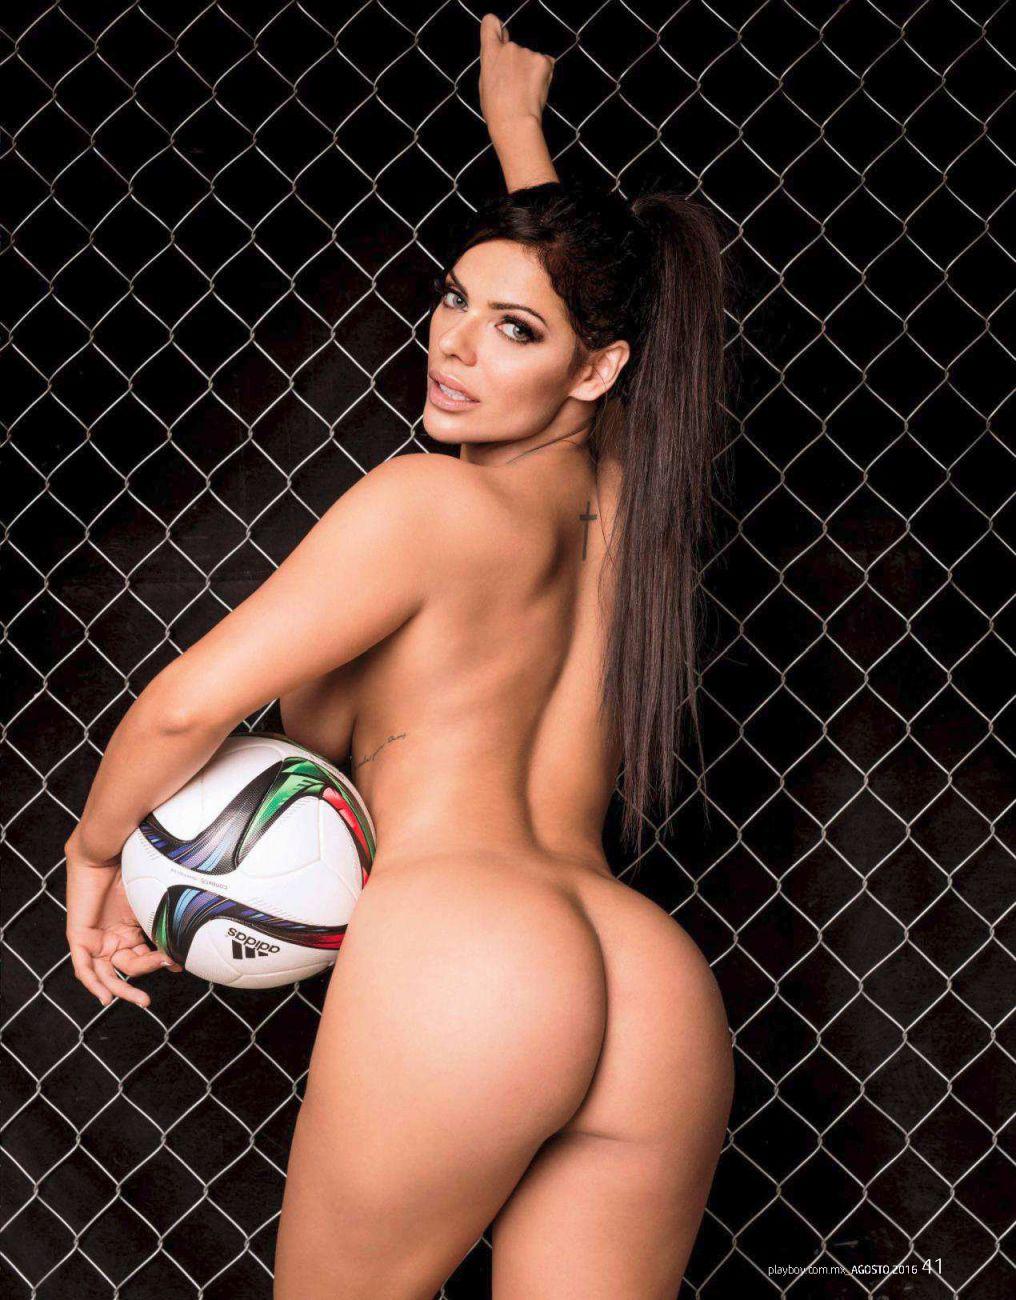 Fotos Playboy Suzy Cortez Agosto (7)